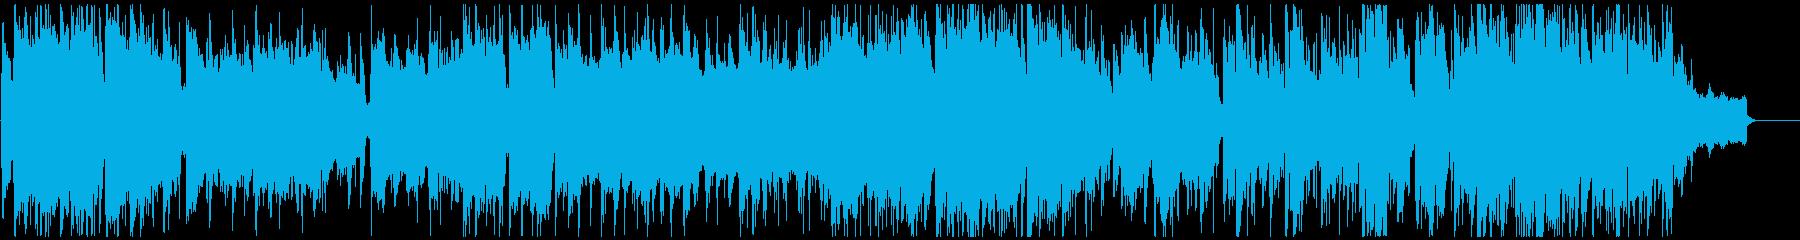 クールでゆっくりなジャズ サックス生演奏の再生済みの波形